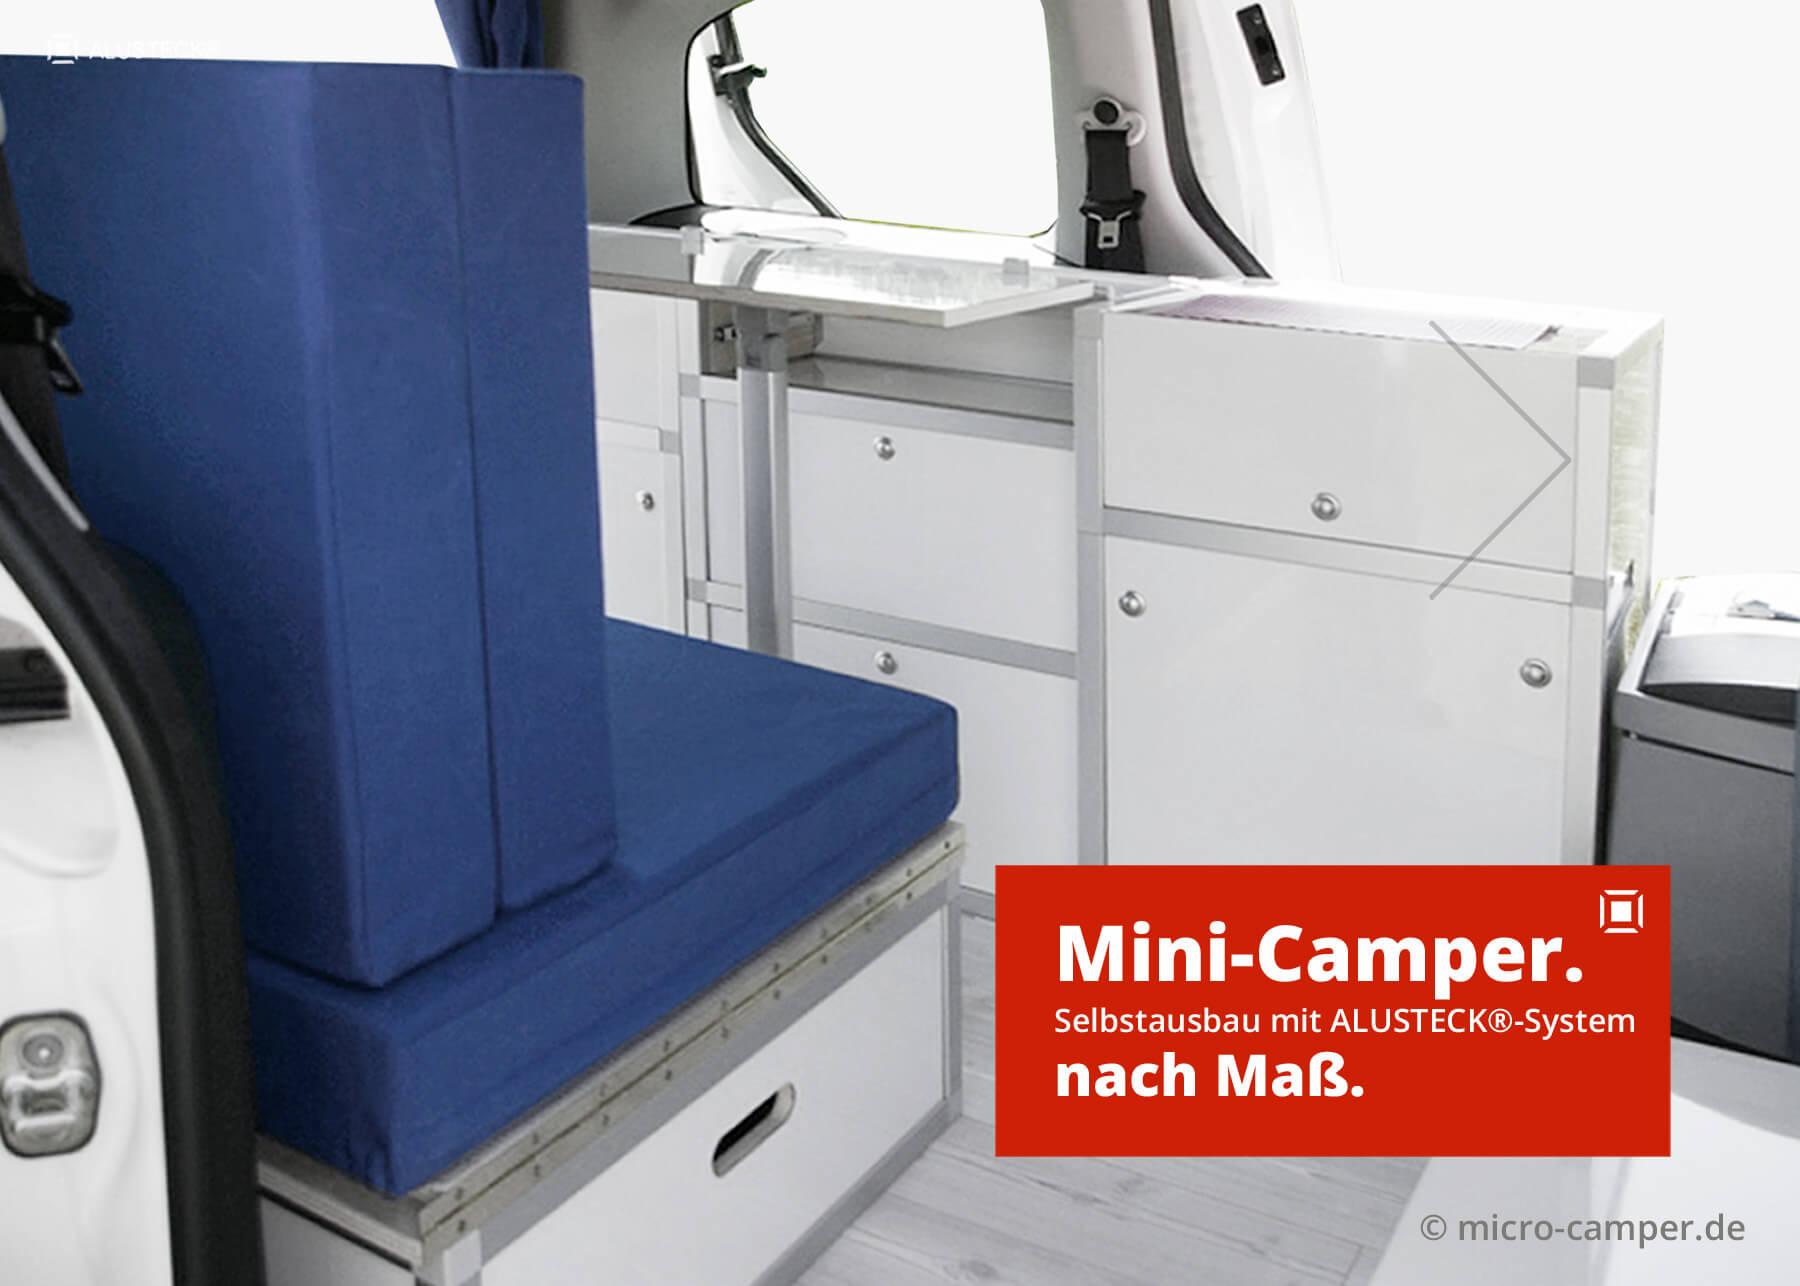 Mini Camper Ausbau Auf 2 5 M Diy Selbstausbau Alusteck